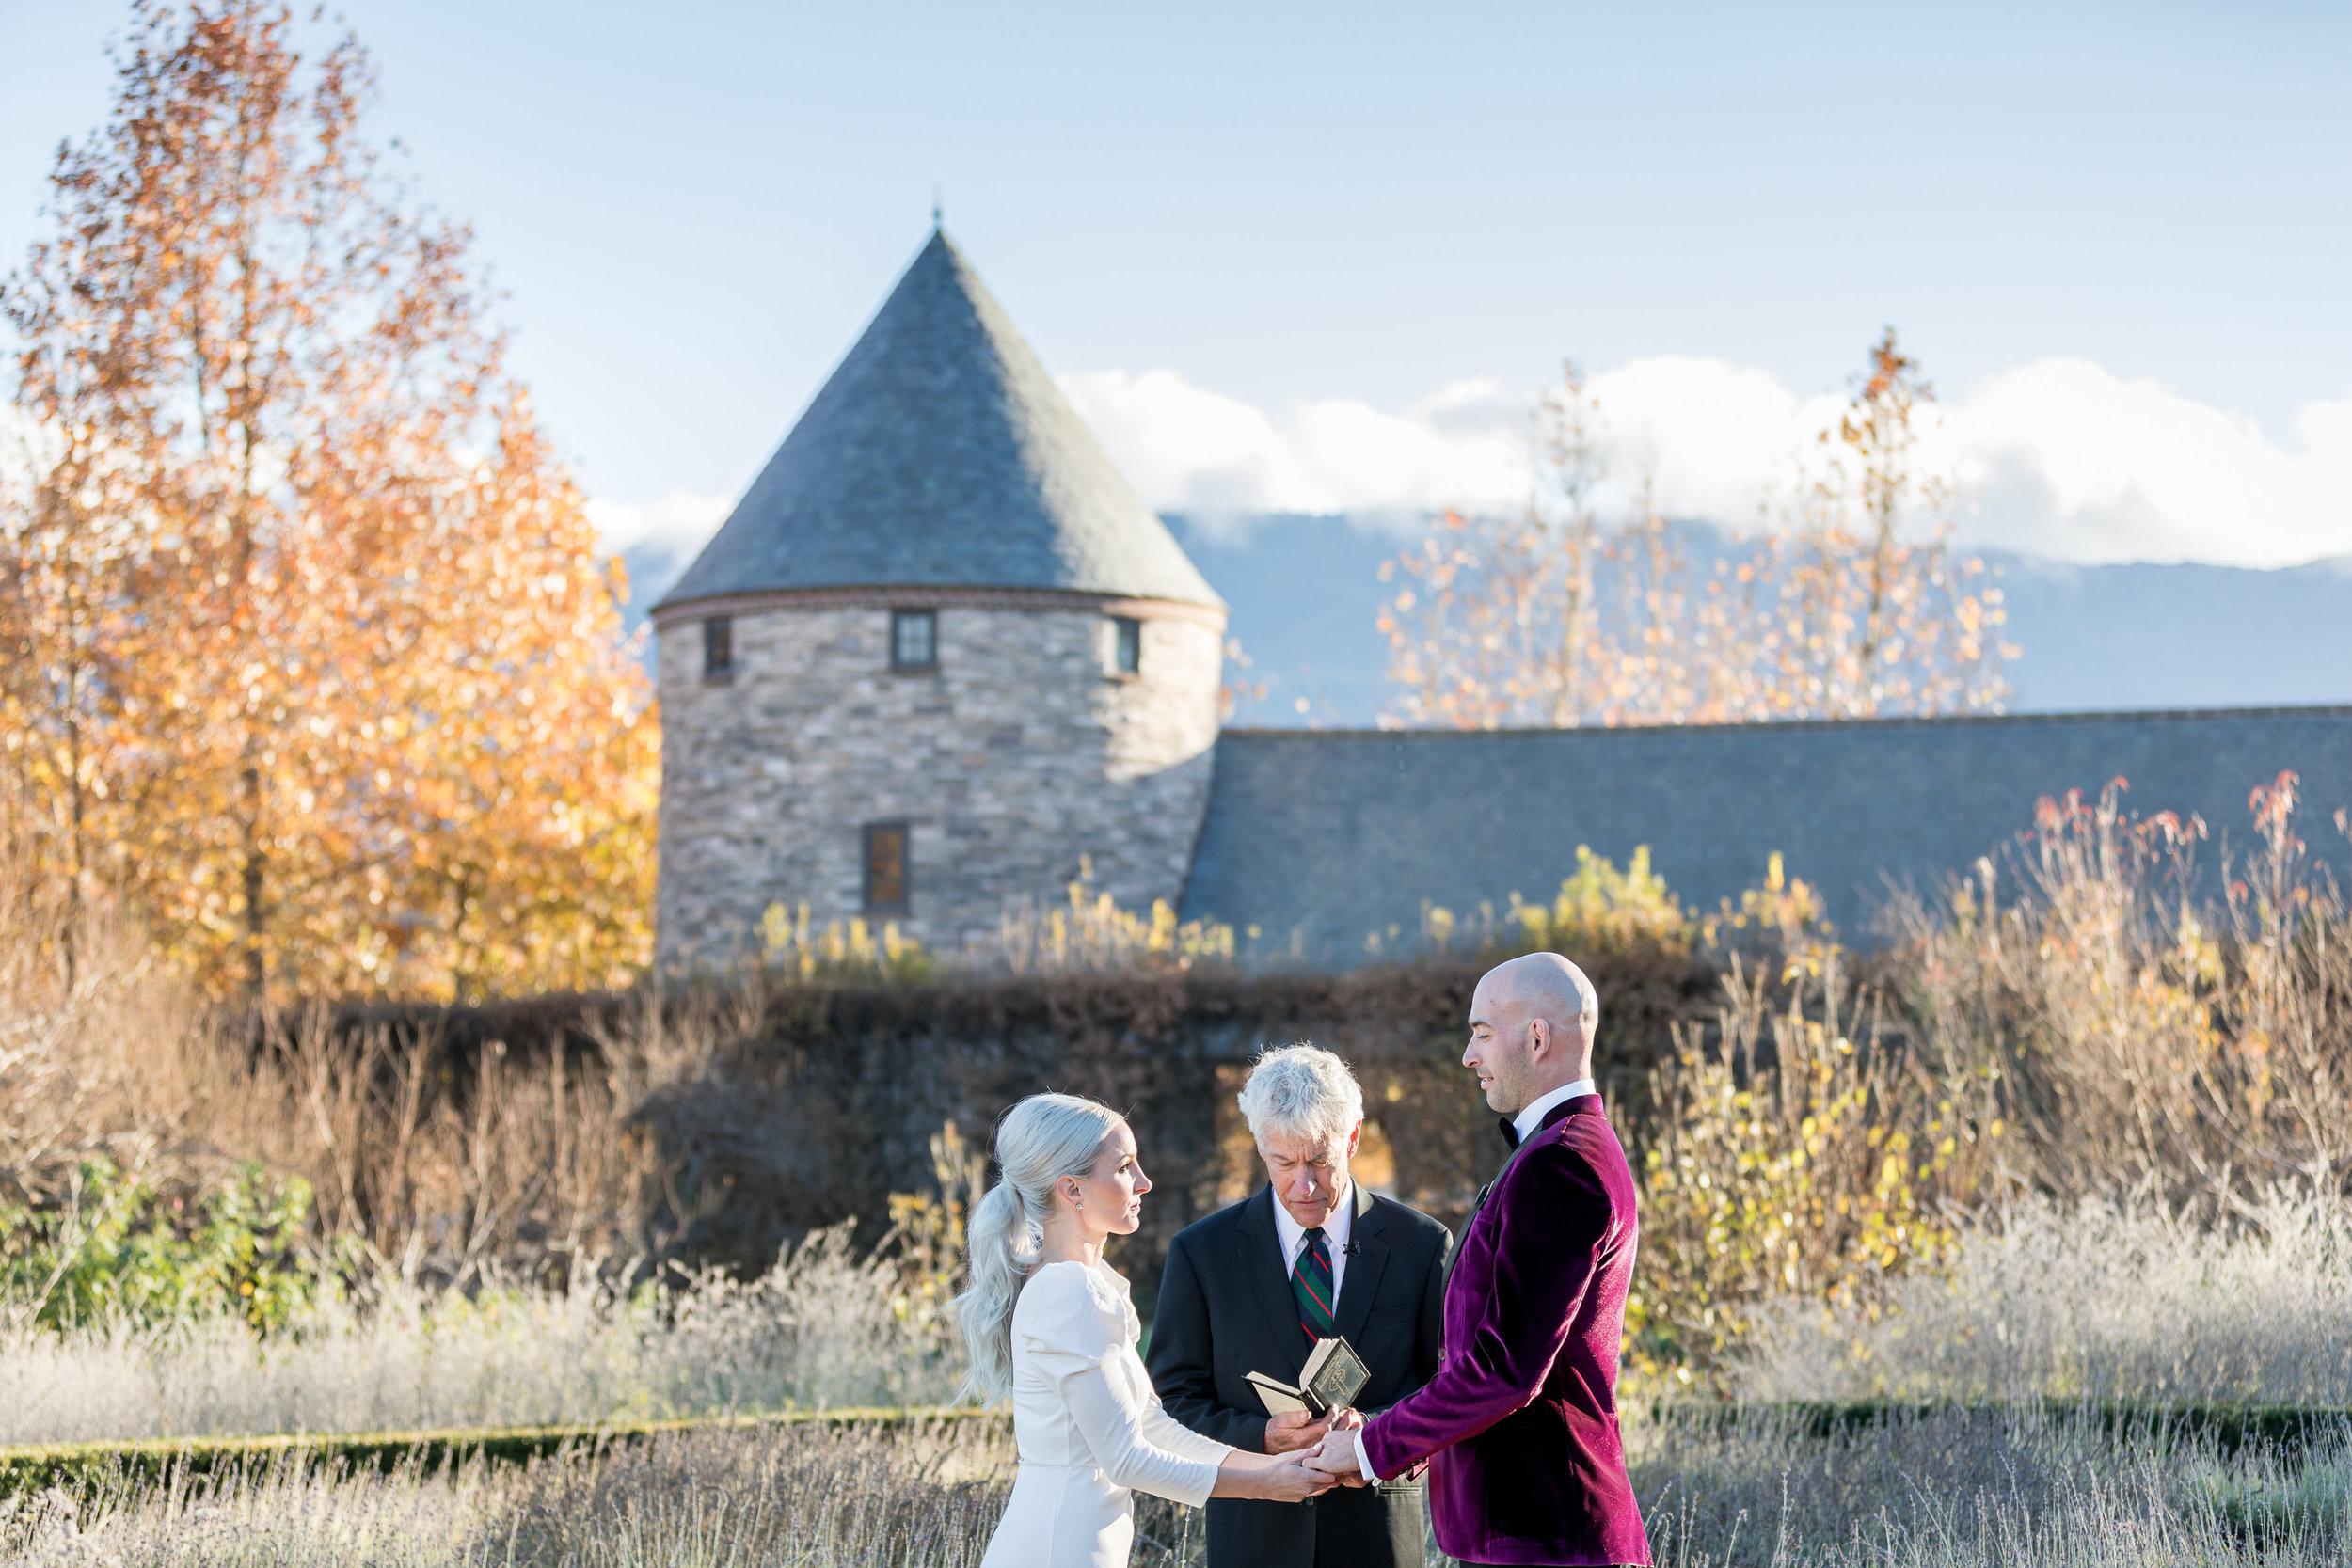 santa-barbara-elopement-wedding-planner-planning-elope-event-design-garden-kestrel-park-santa-ynez-field-maroon-velvet-coordinator-day-of-winter-estate-fall (10).jpg